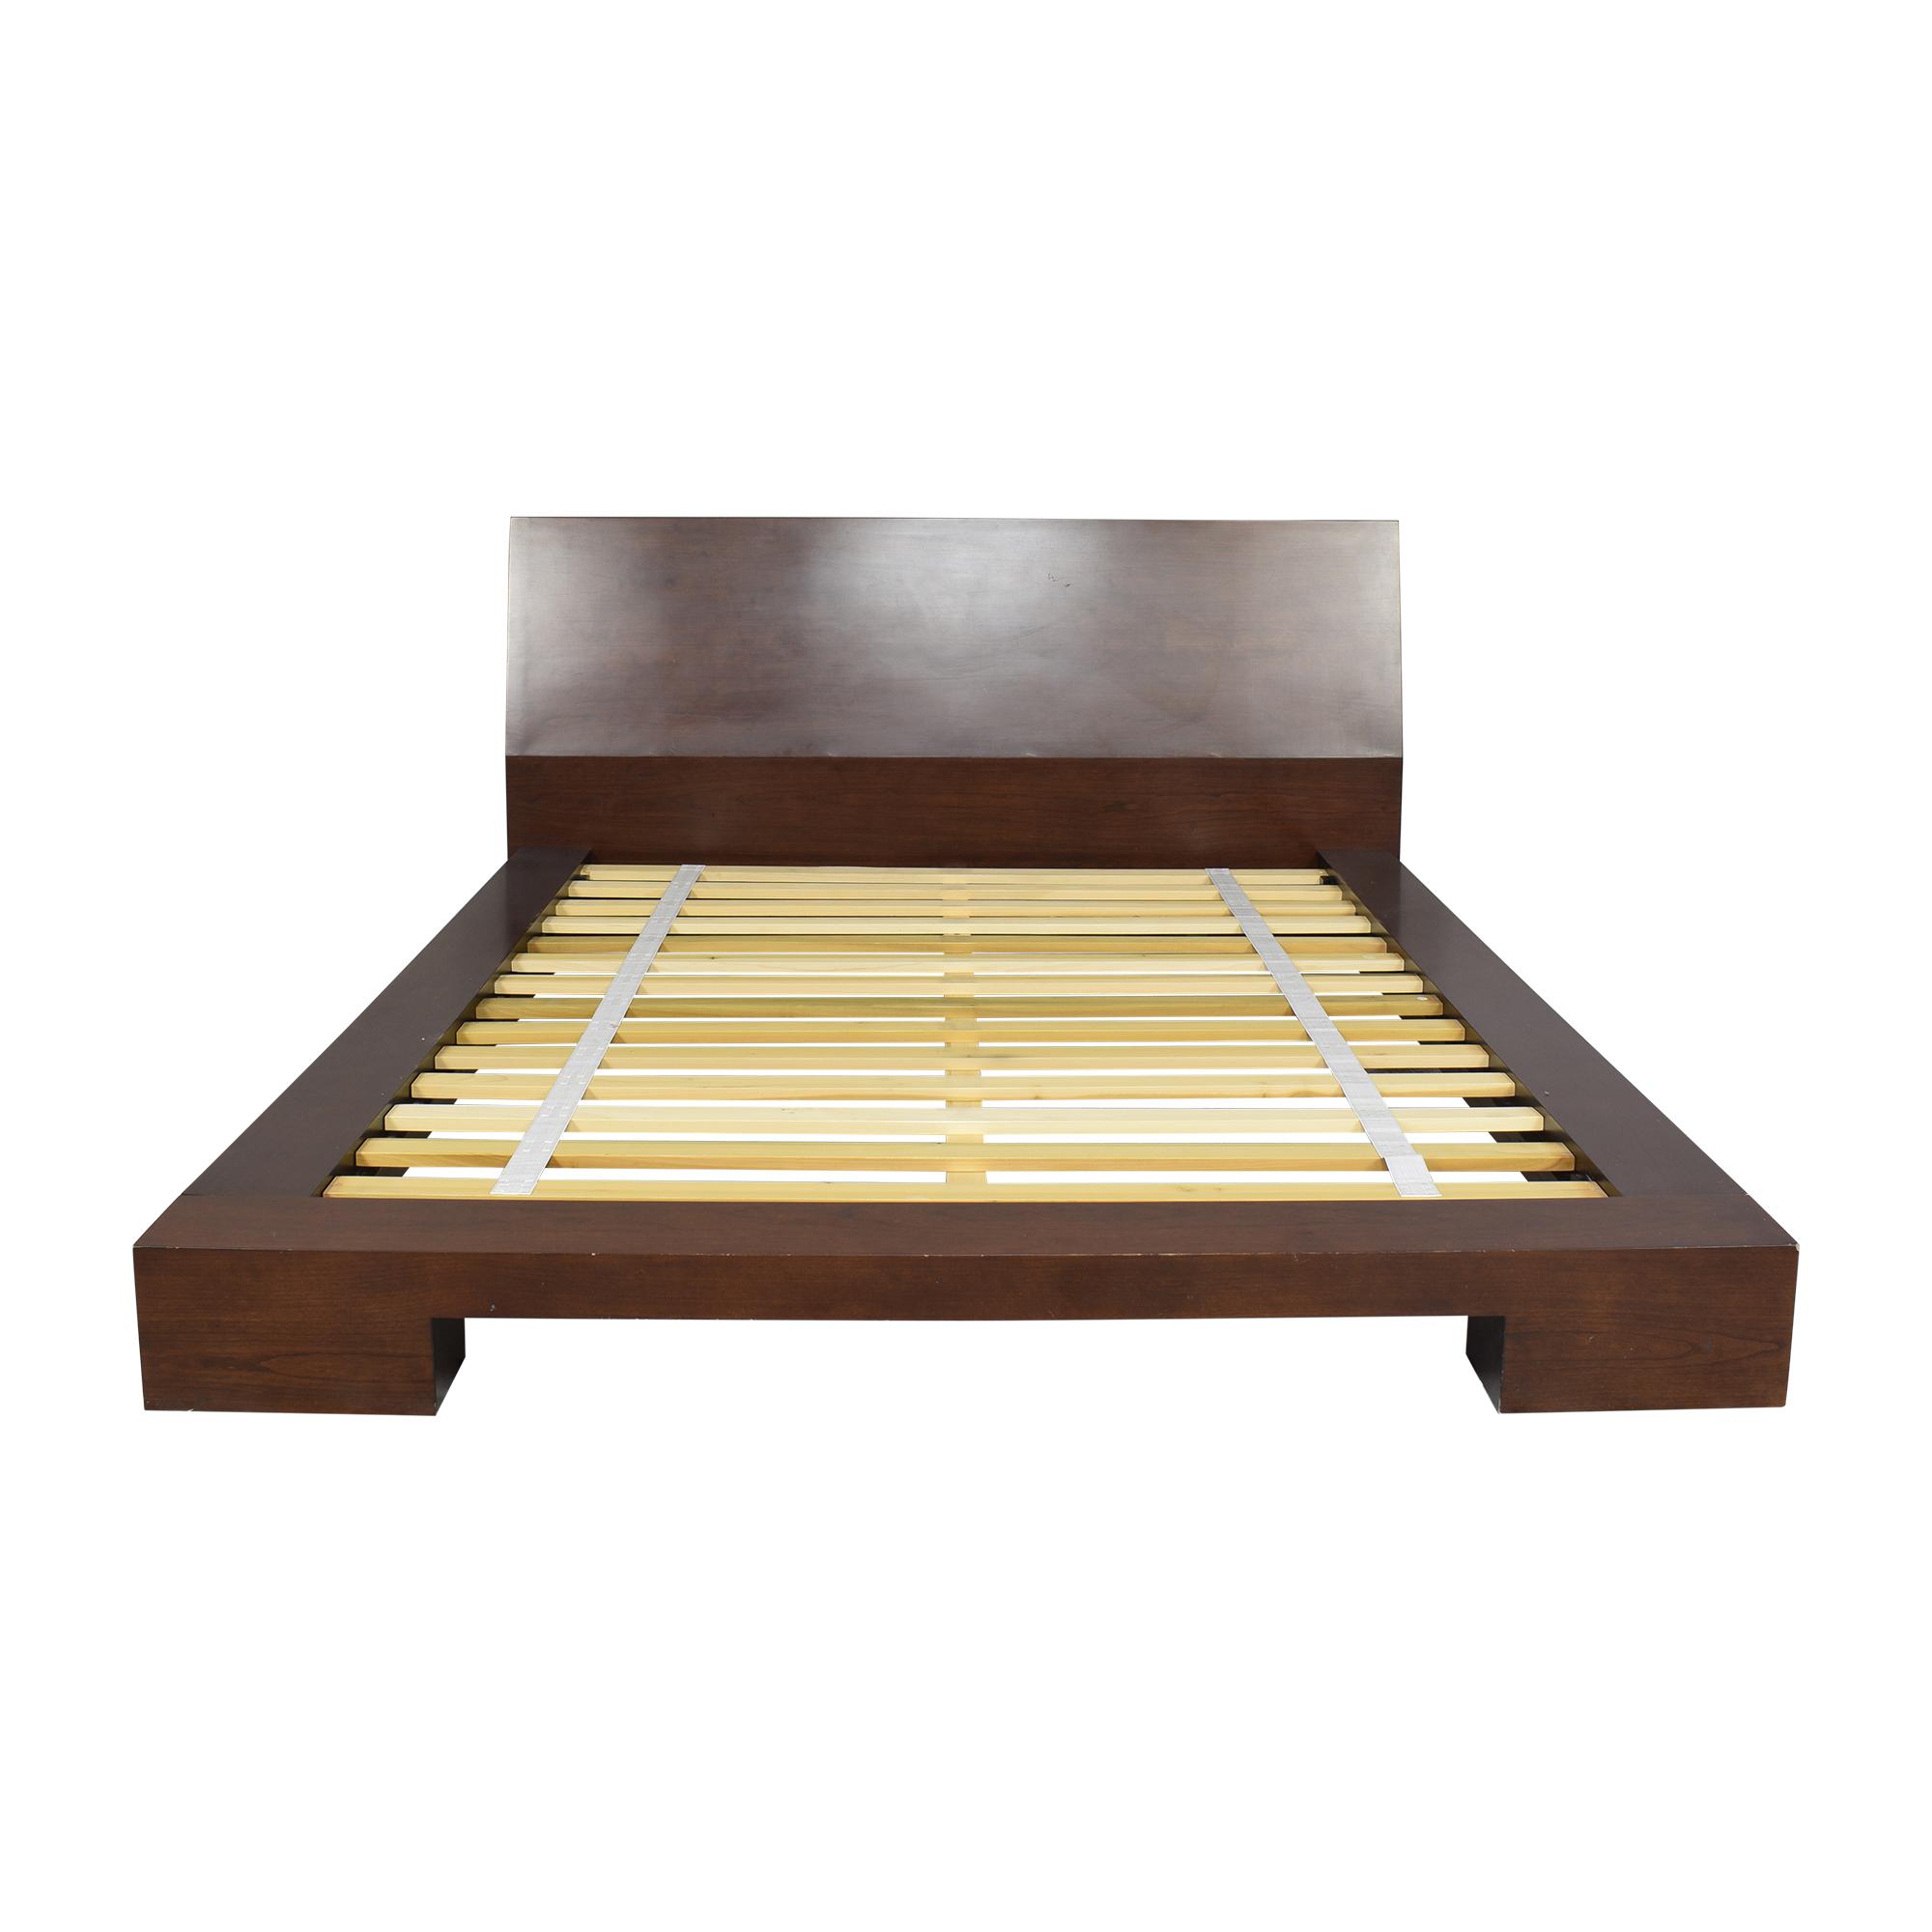 Crate & Barrel Crate & Barrel Asher Queen Bed dimensions